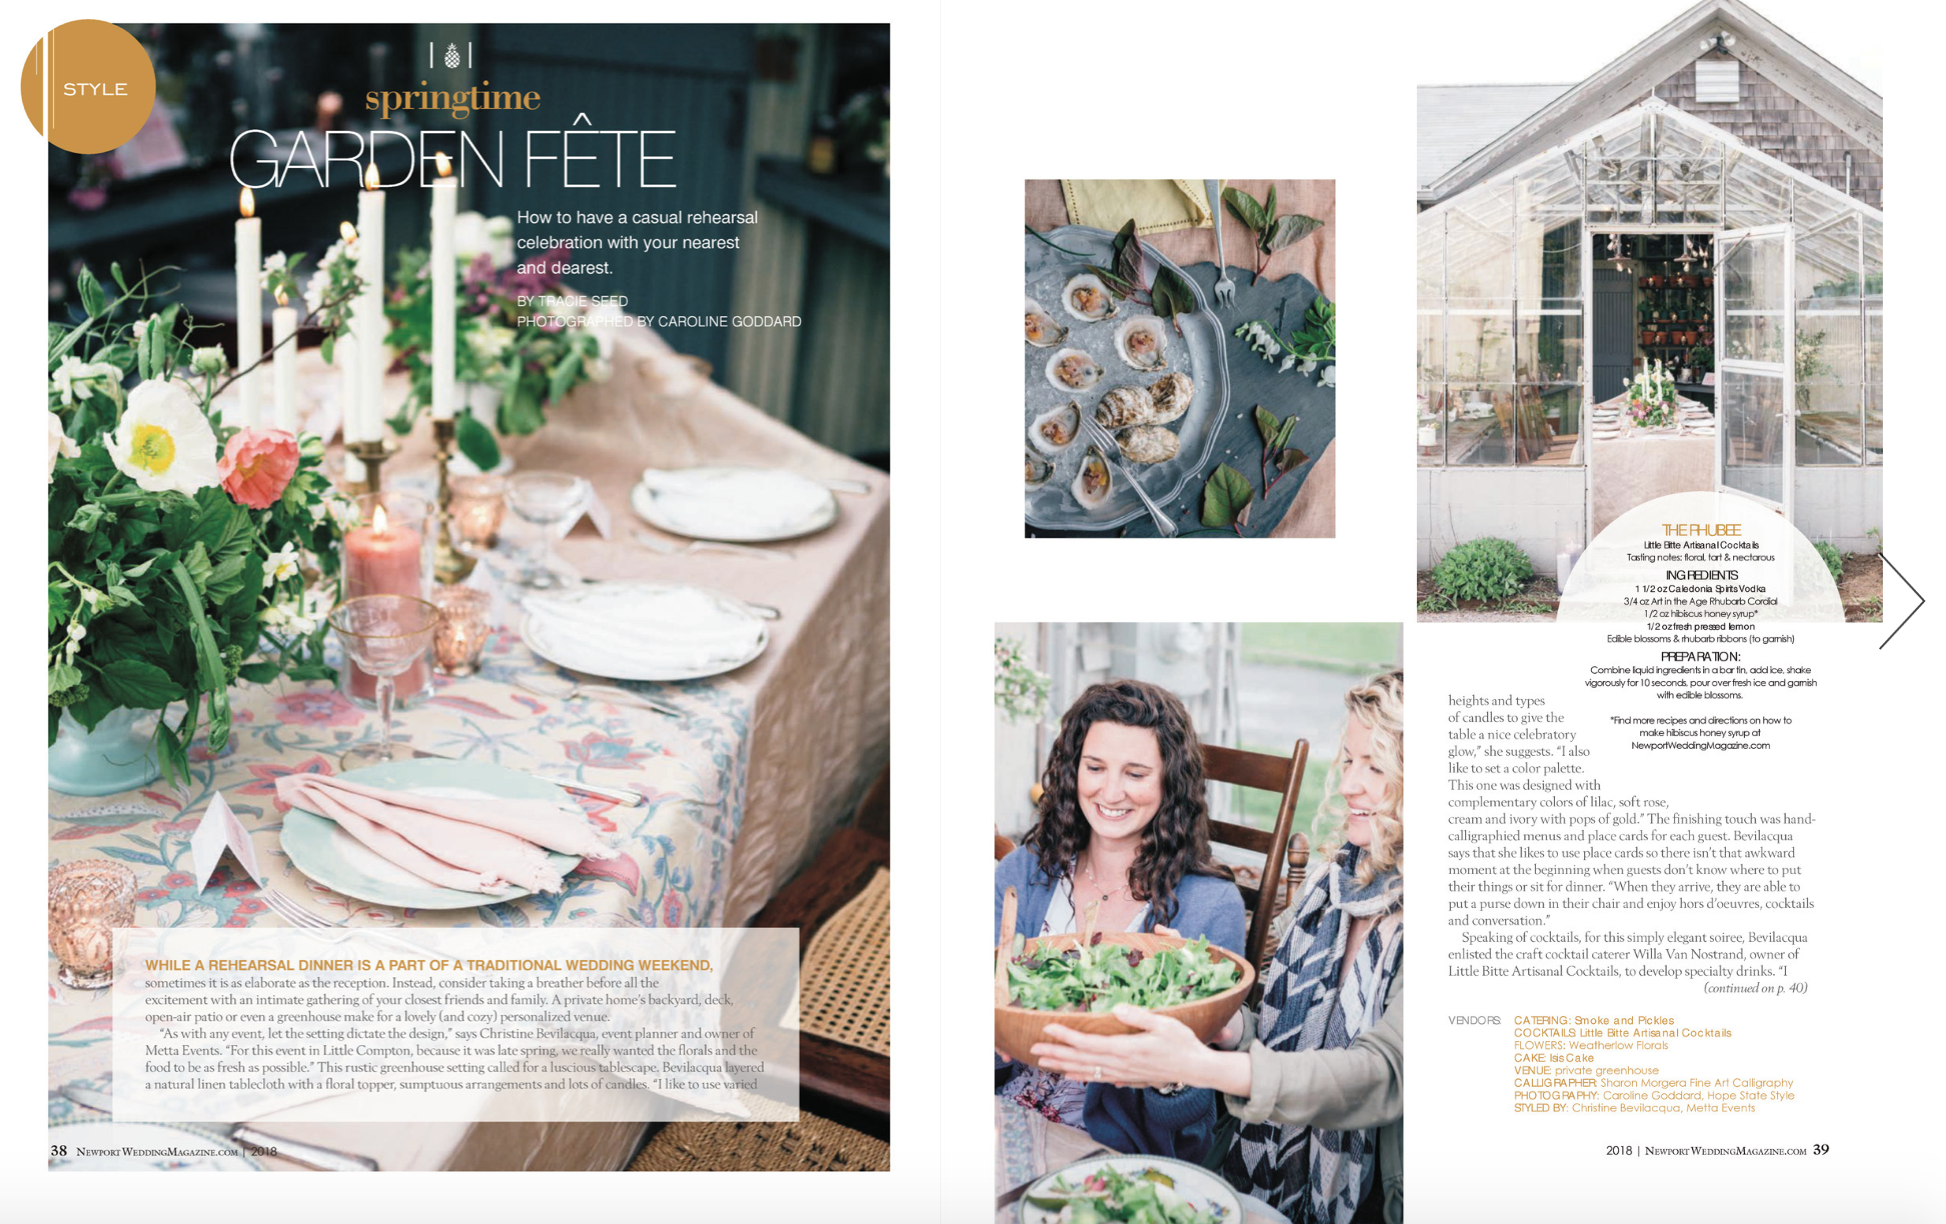 GARDEN-FETE-LITTLEBITTE-newport-wedding-magazine